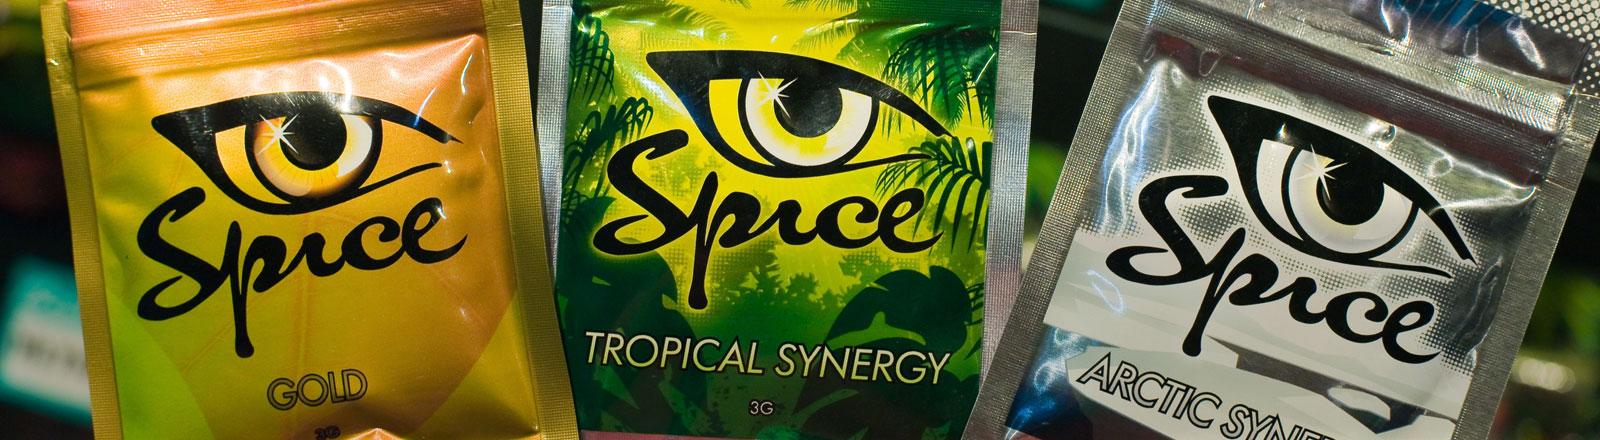 Die Droge Spice, die in Polen als Legal High verkauft wird.